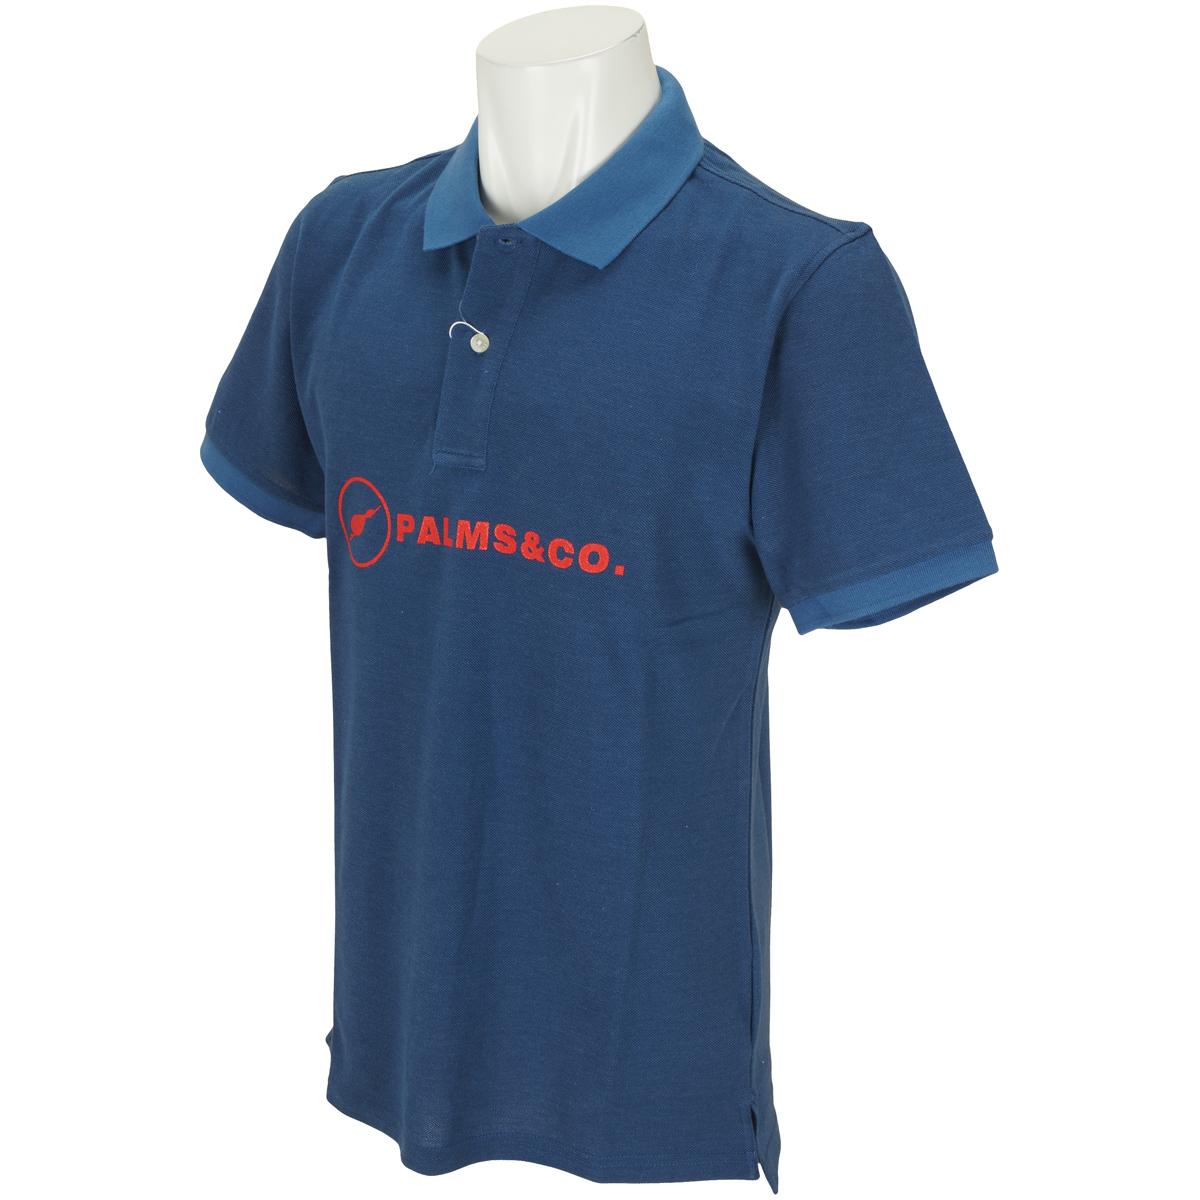 ブレストロゴピケ半袖ポロシャツ